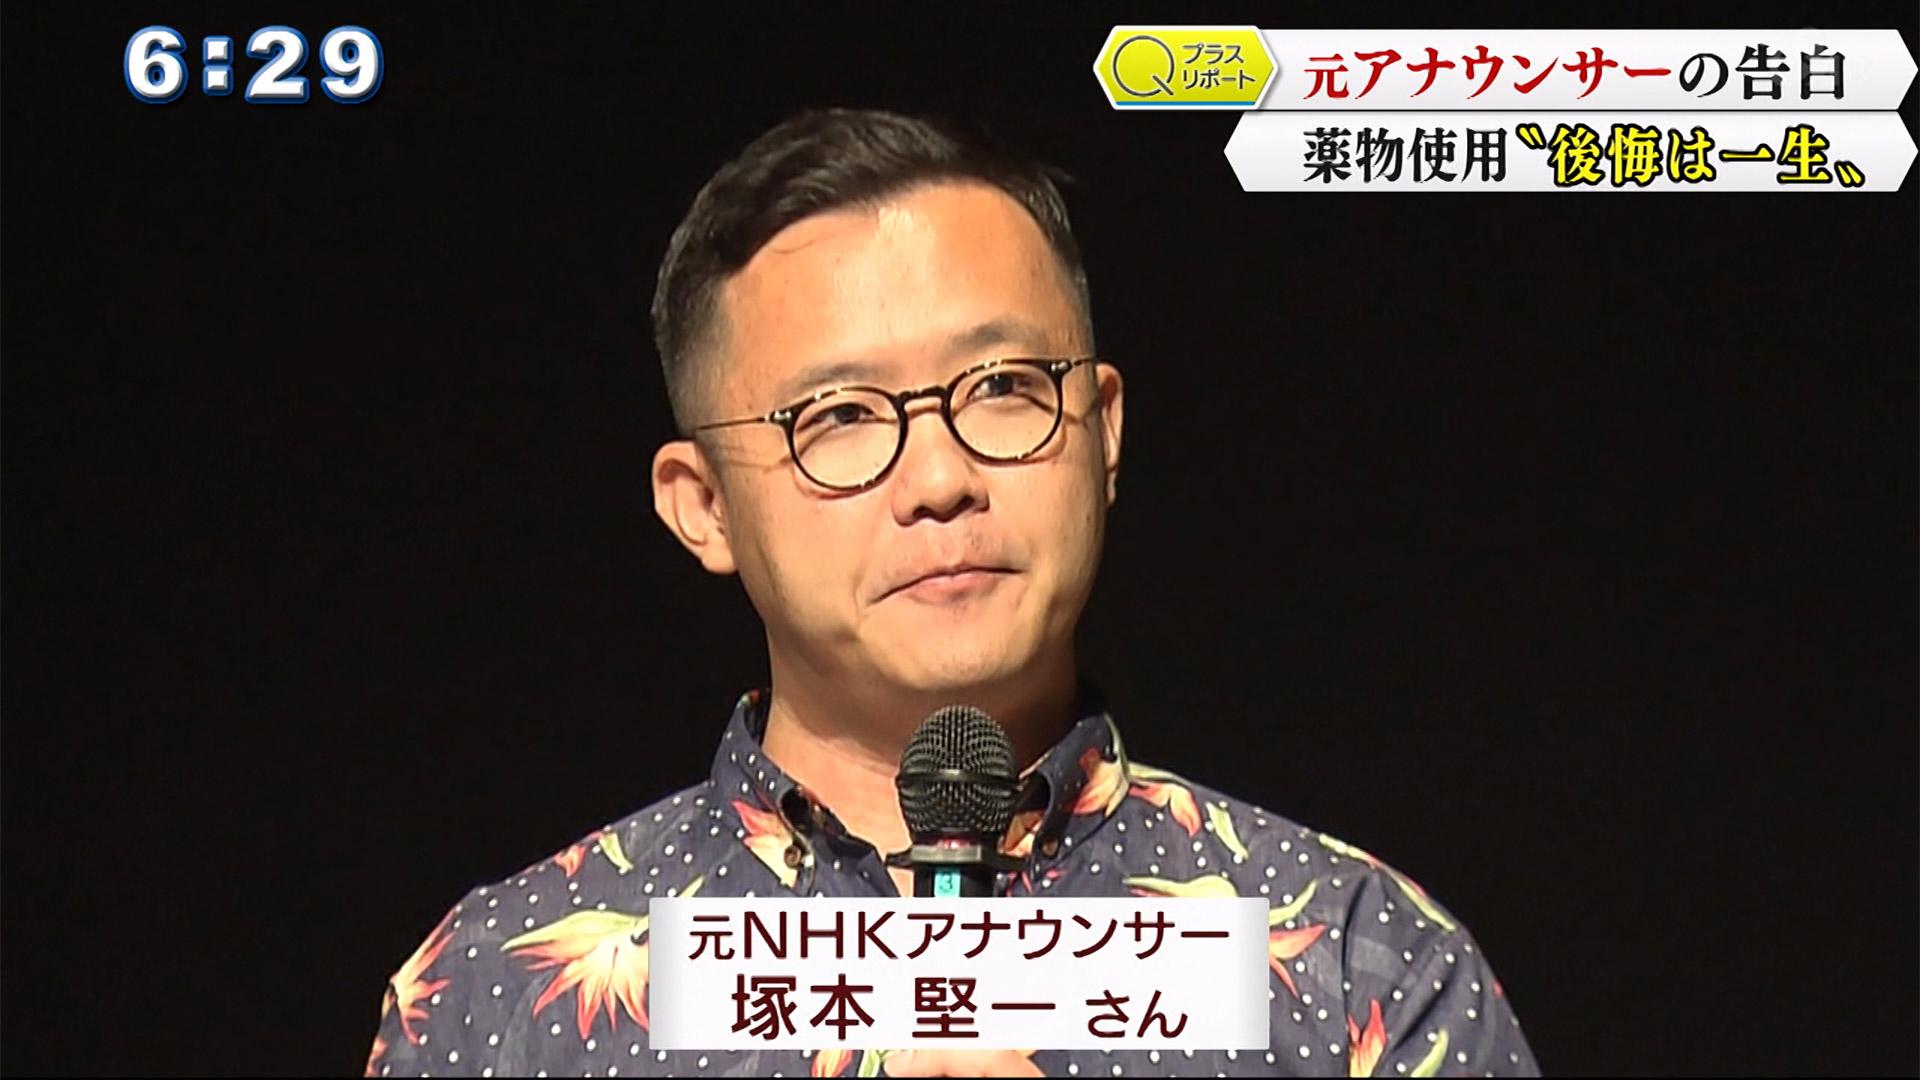 元NHKアナウンサーが語る「薬物」